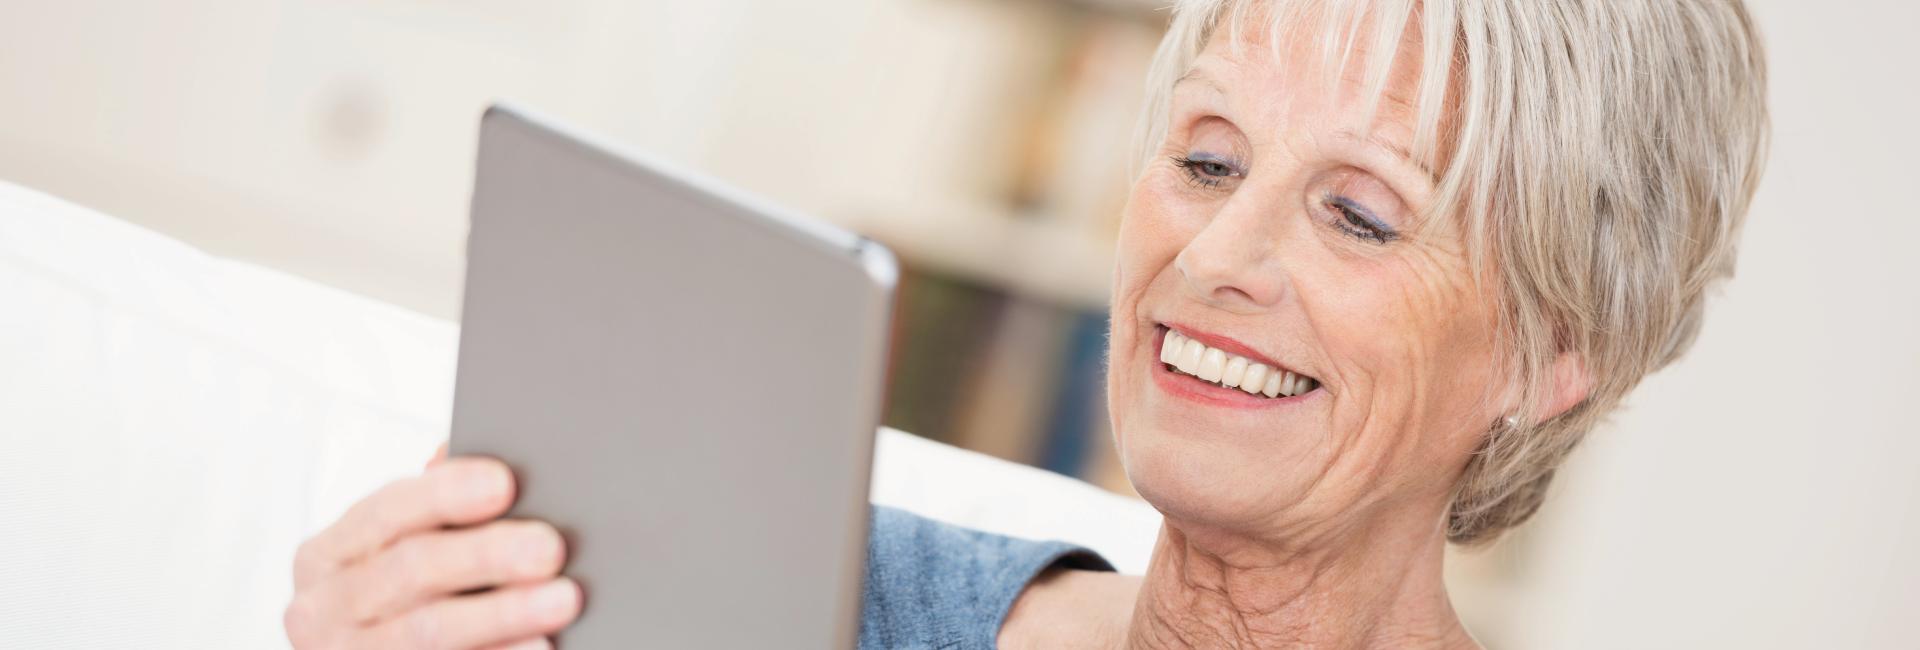 personas mayores con accesibilidad a la tecnologia y al smarthome